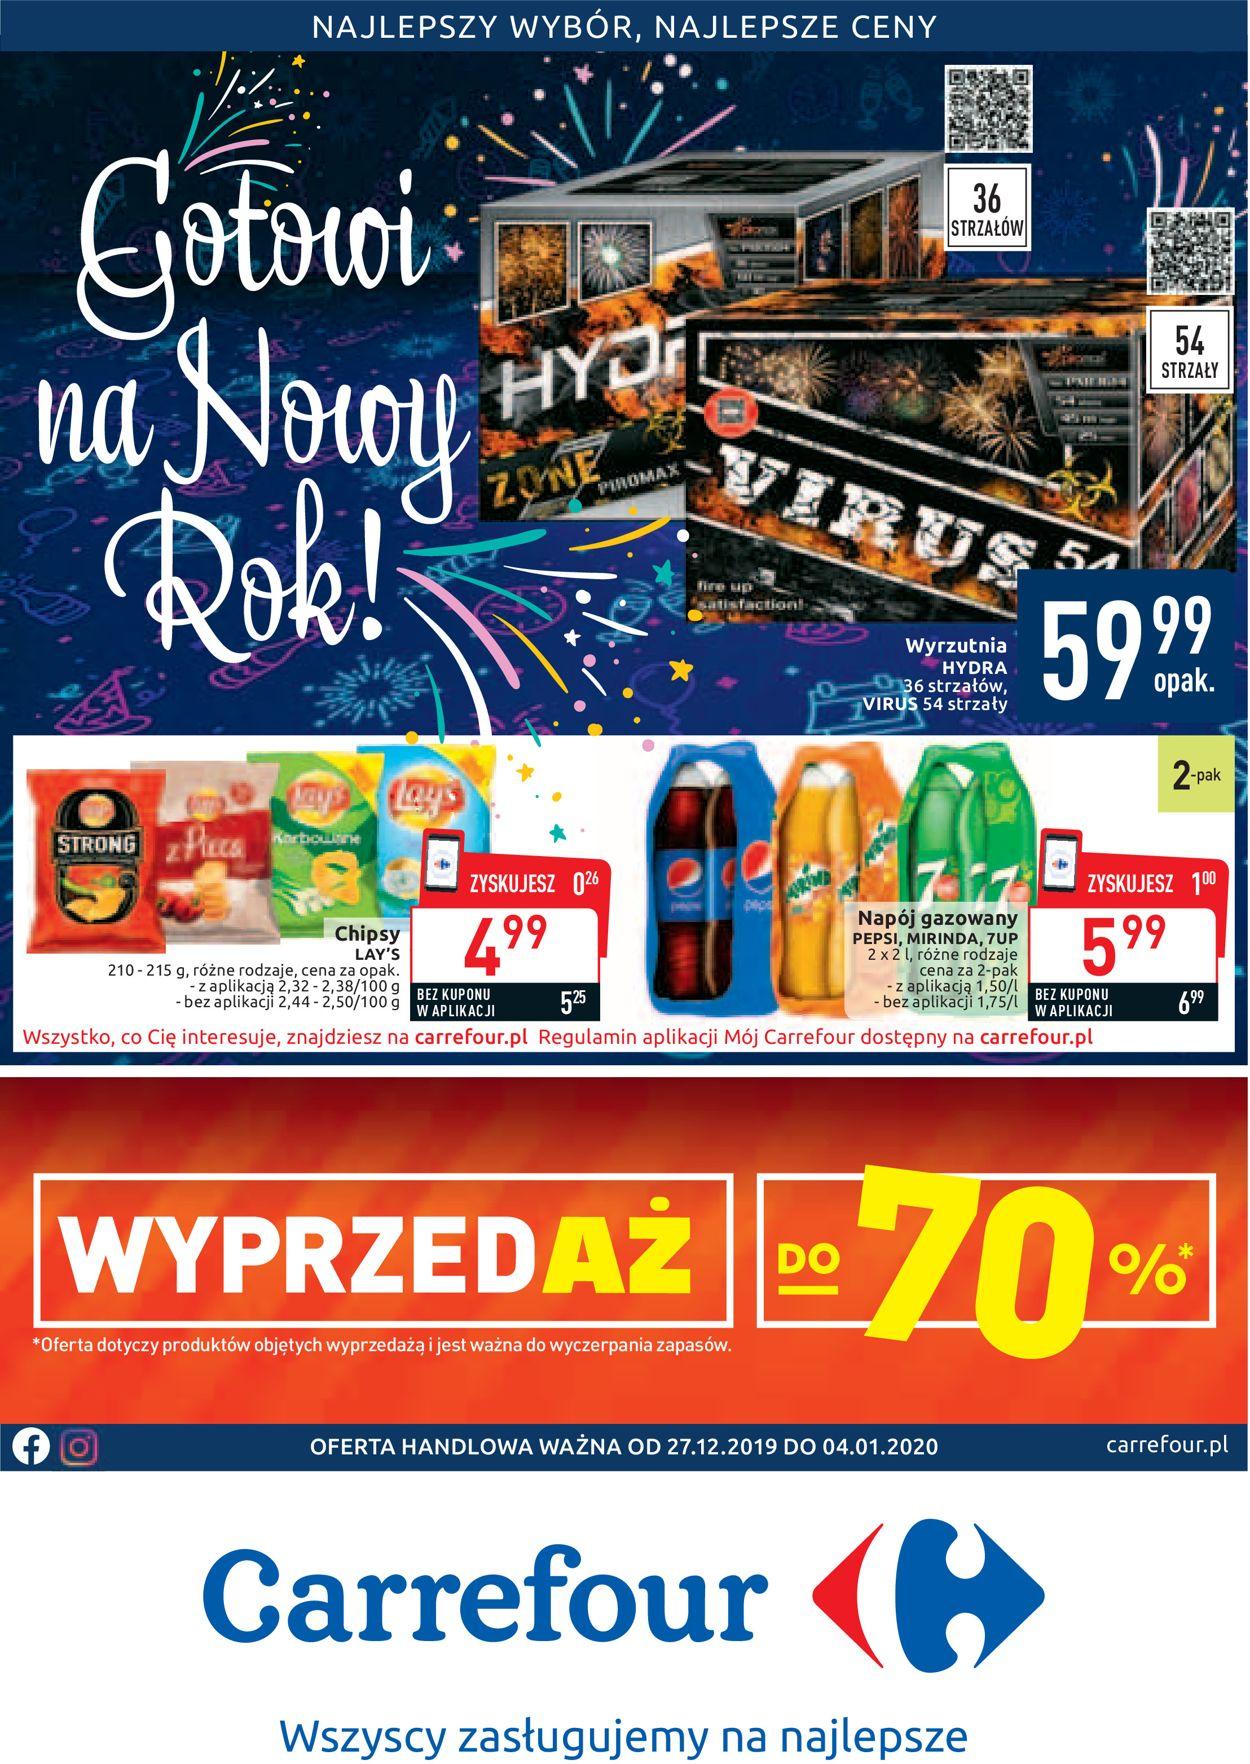 Gazetka promocyjna Carrefour - 27.12-04.01.2020